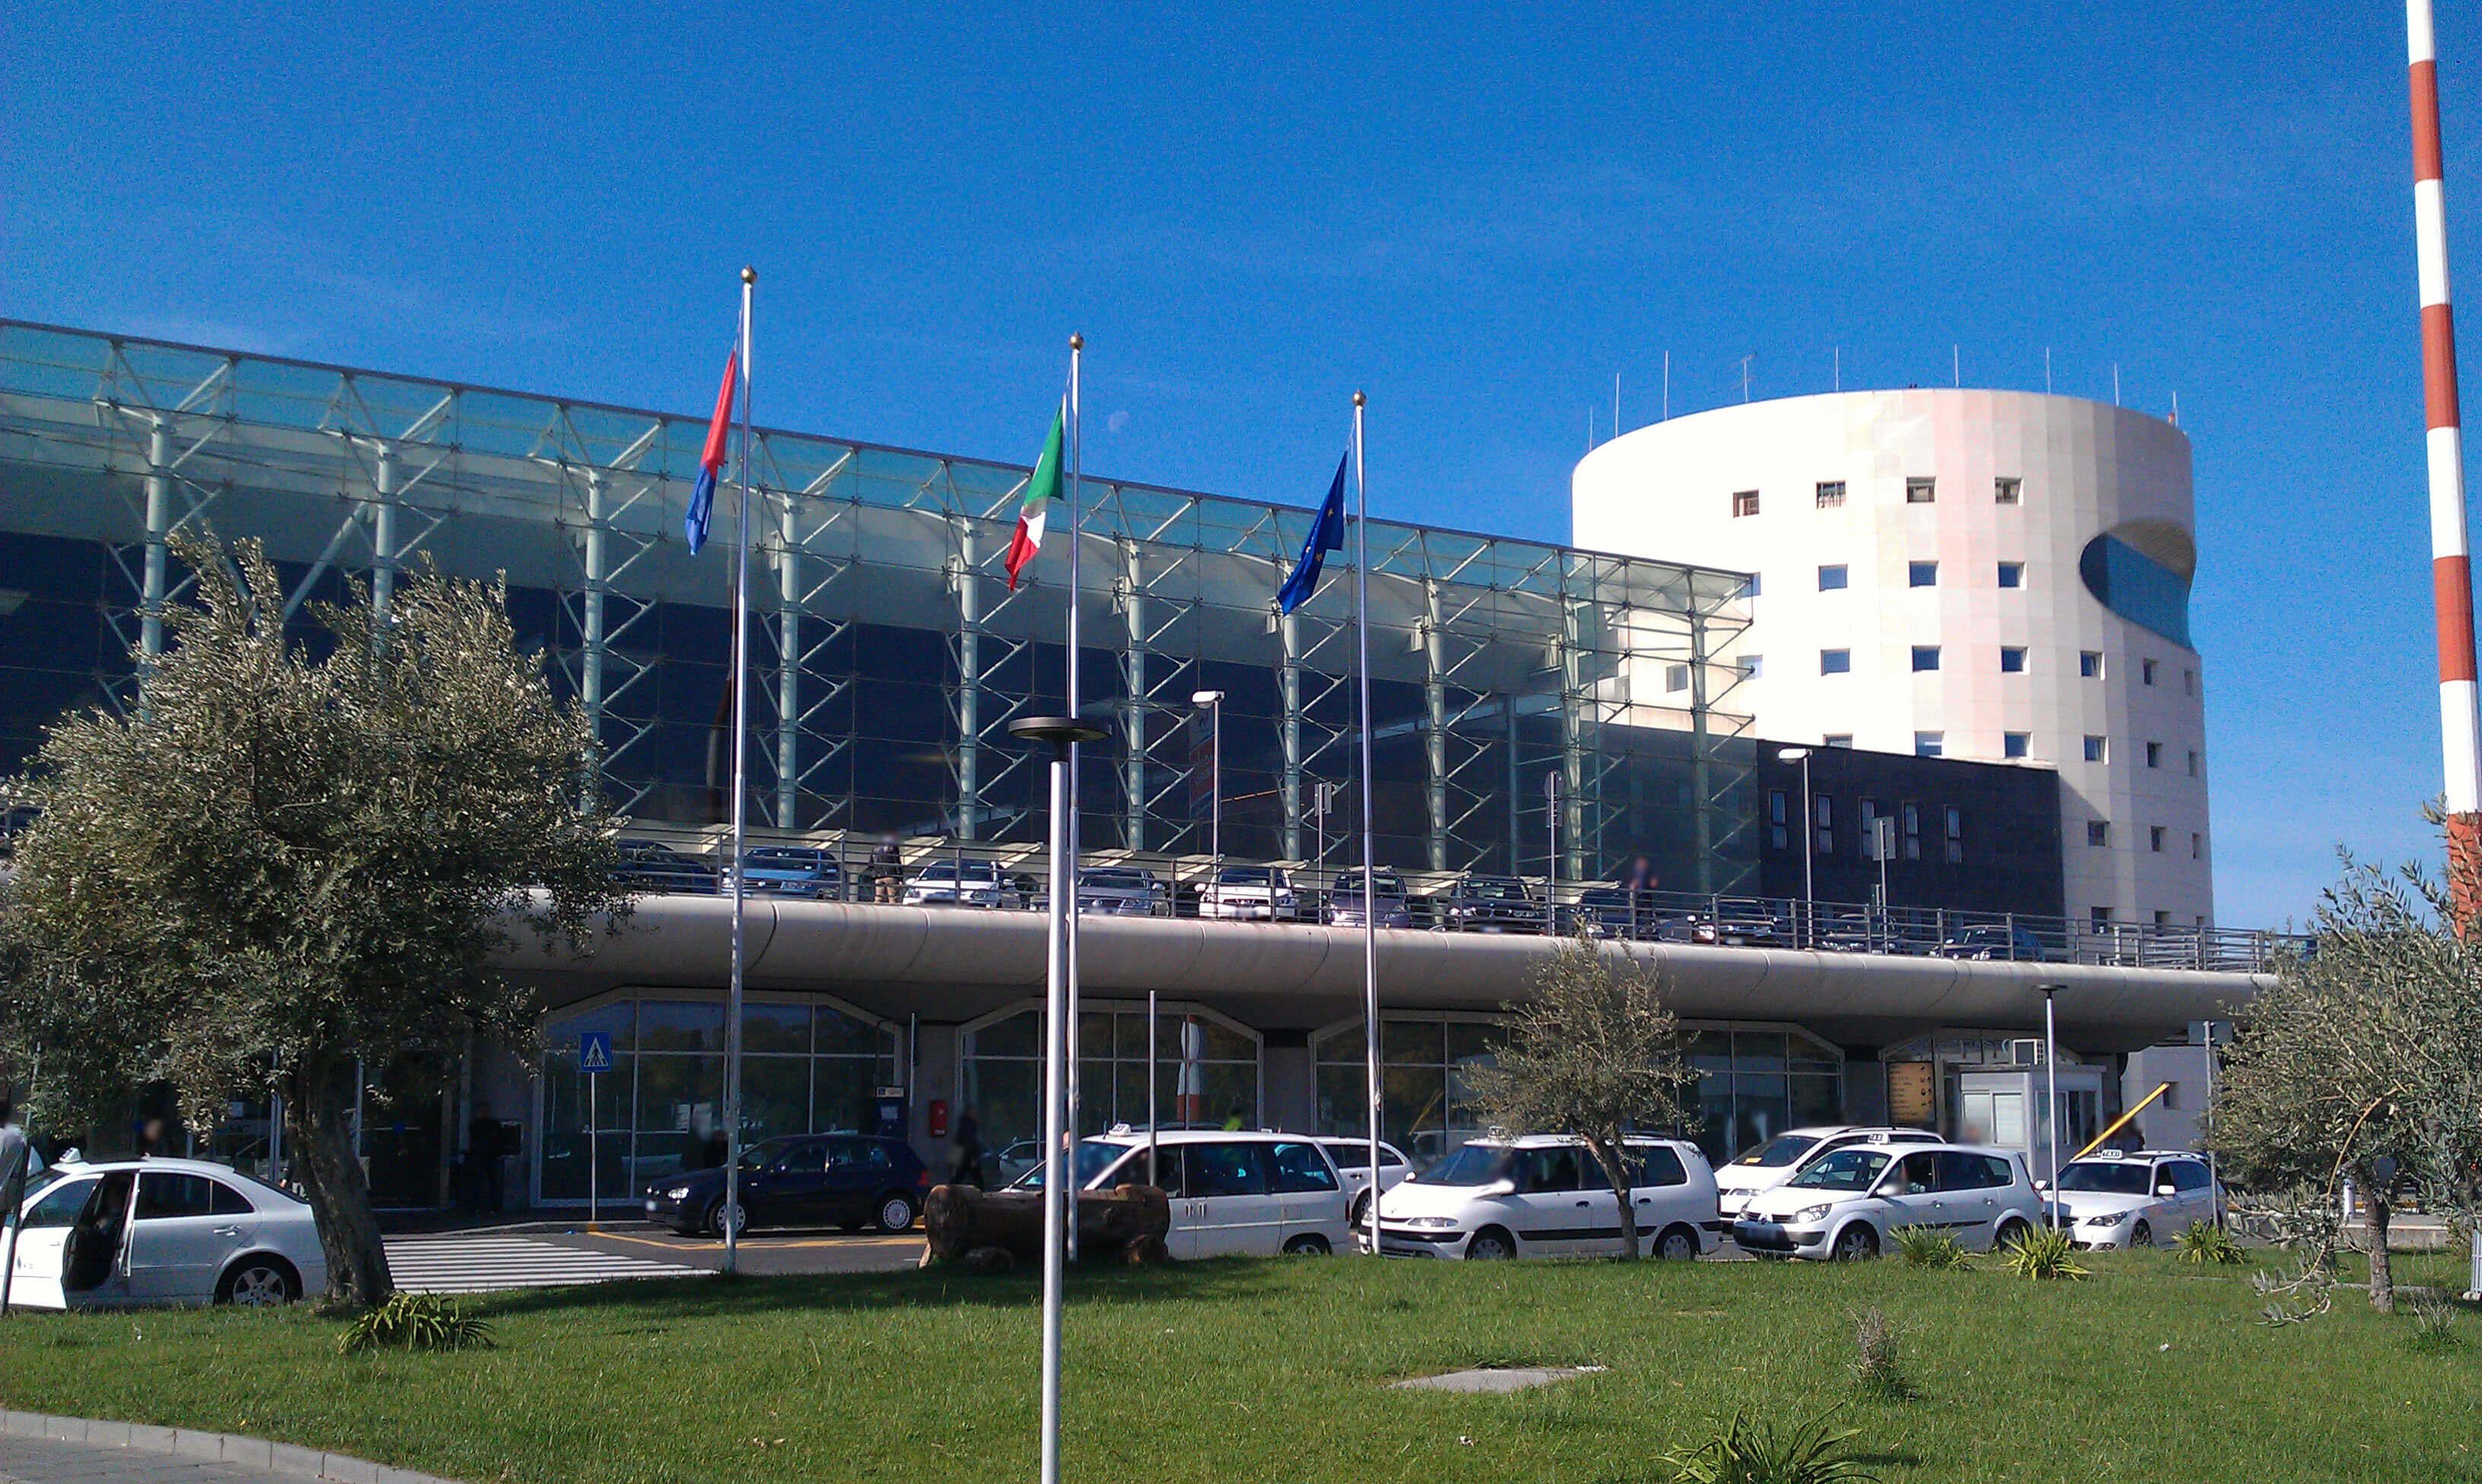 Aeroporto di catania lavori in corso e voli a singhiozzo for Corso arredatore d interni catania